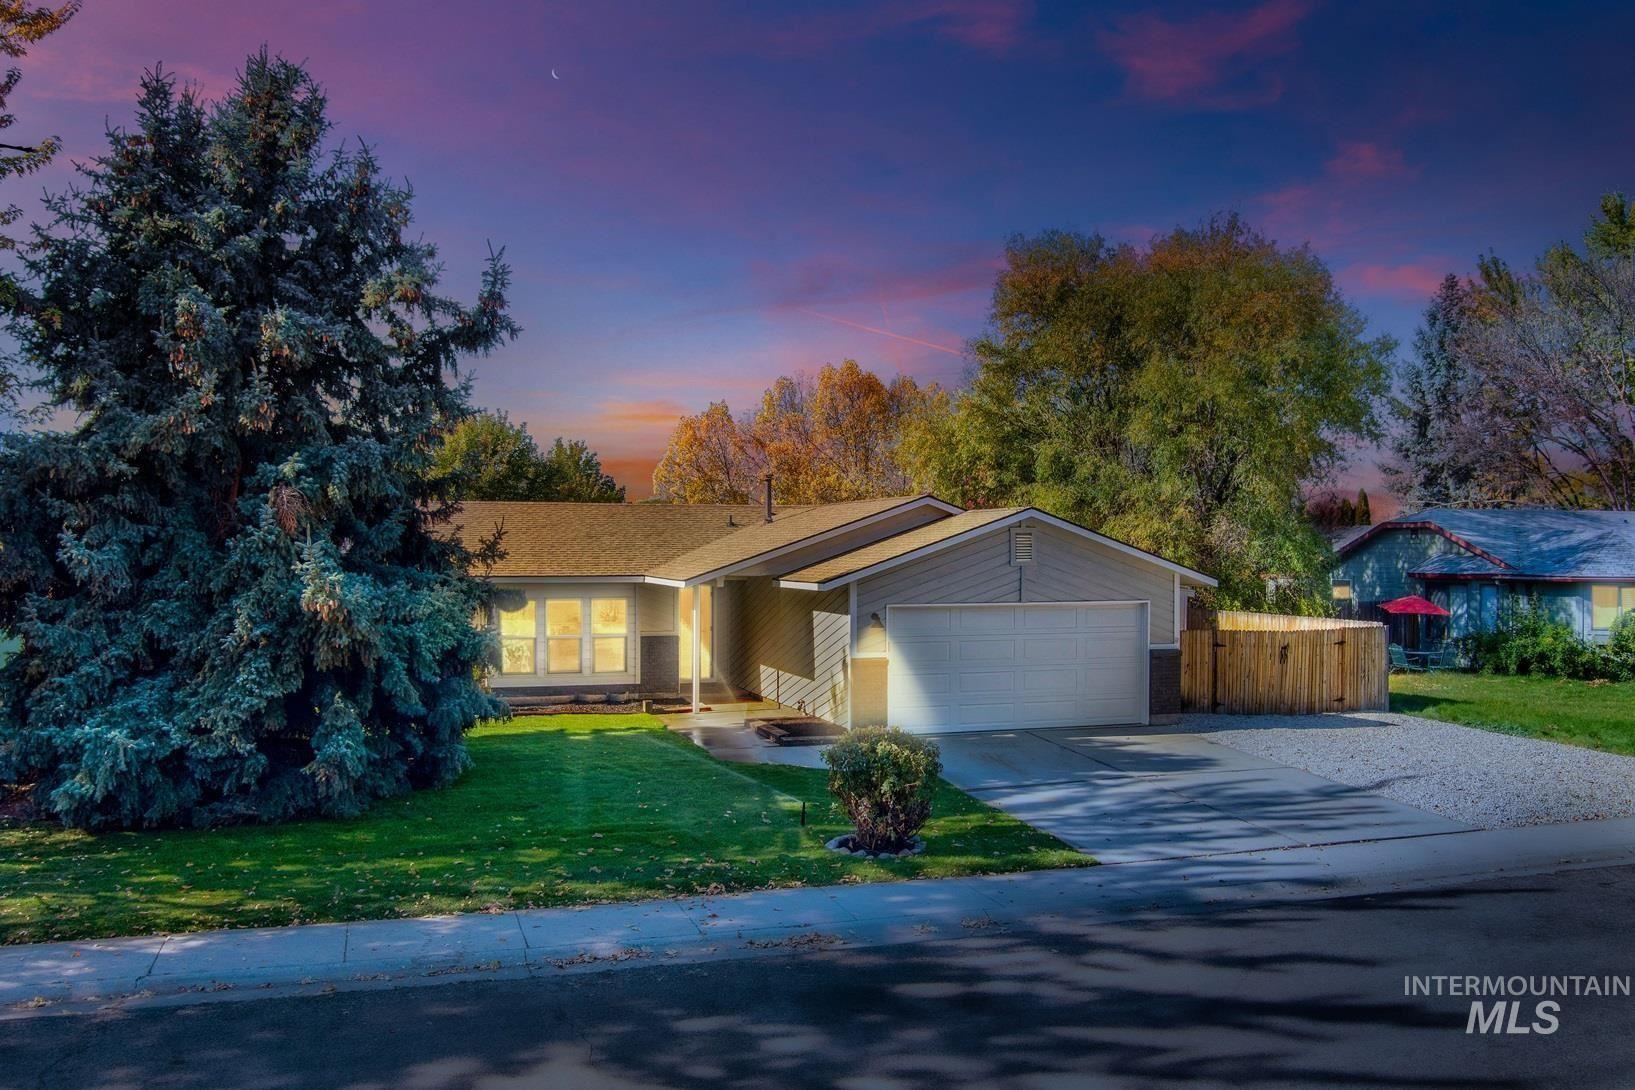 4561 Bluegrass, Boise, ID 83703 - MLS#: 98822980